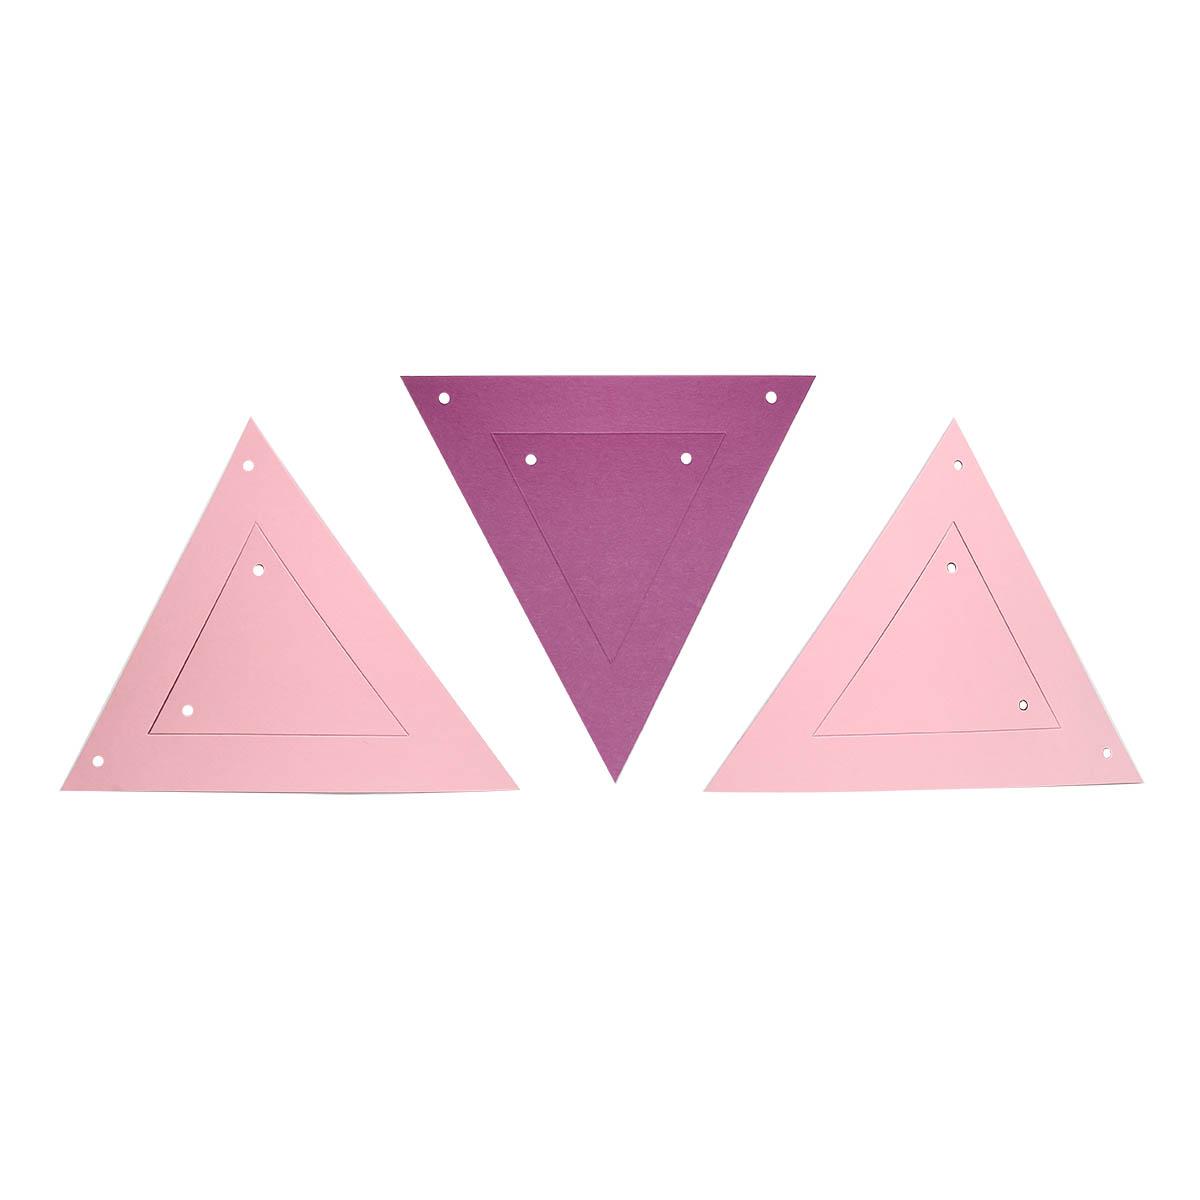 ГИР5002 Заготовка для гирлянды Треугольник 2 в 1 Розовый/Лиловый